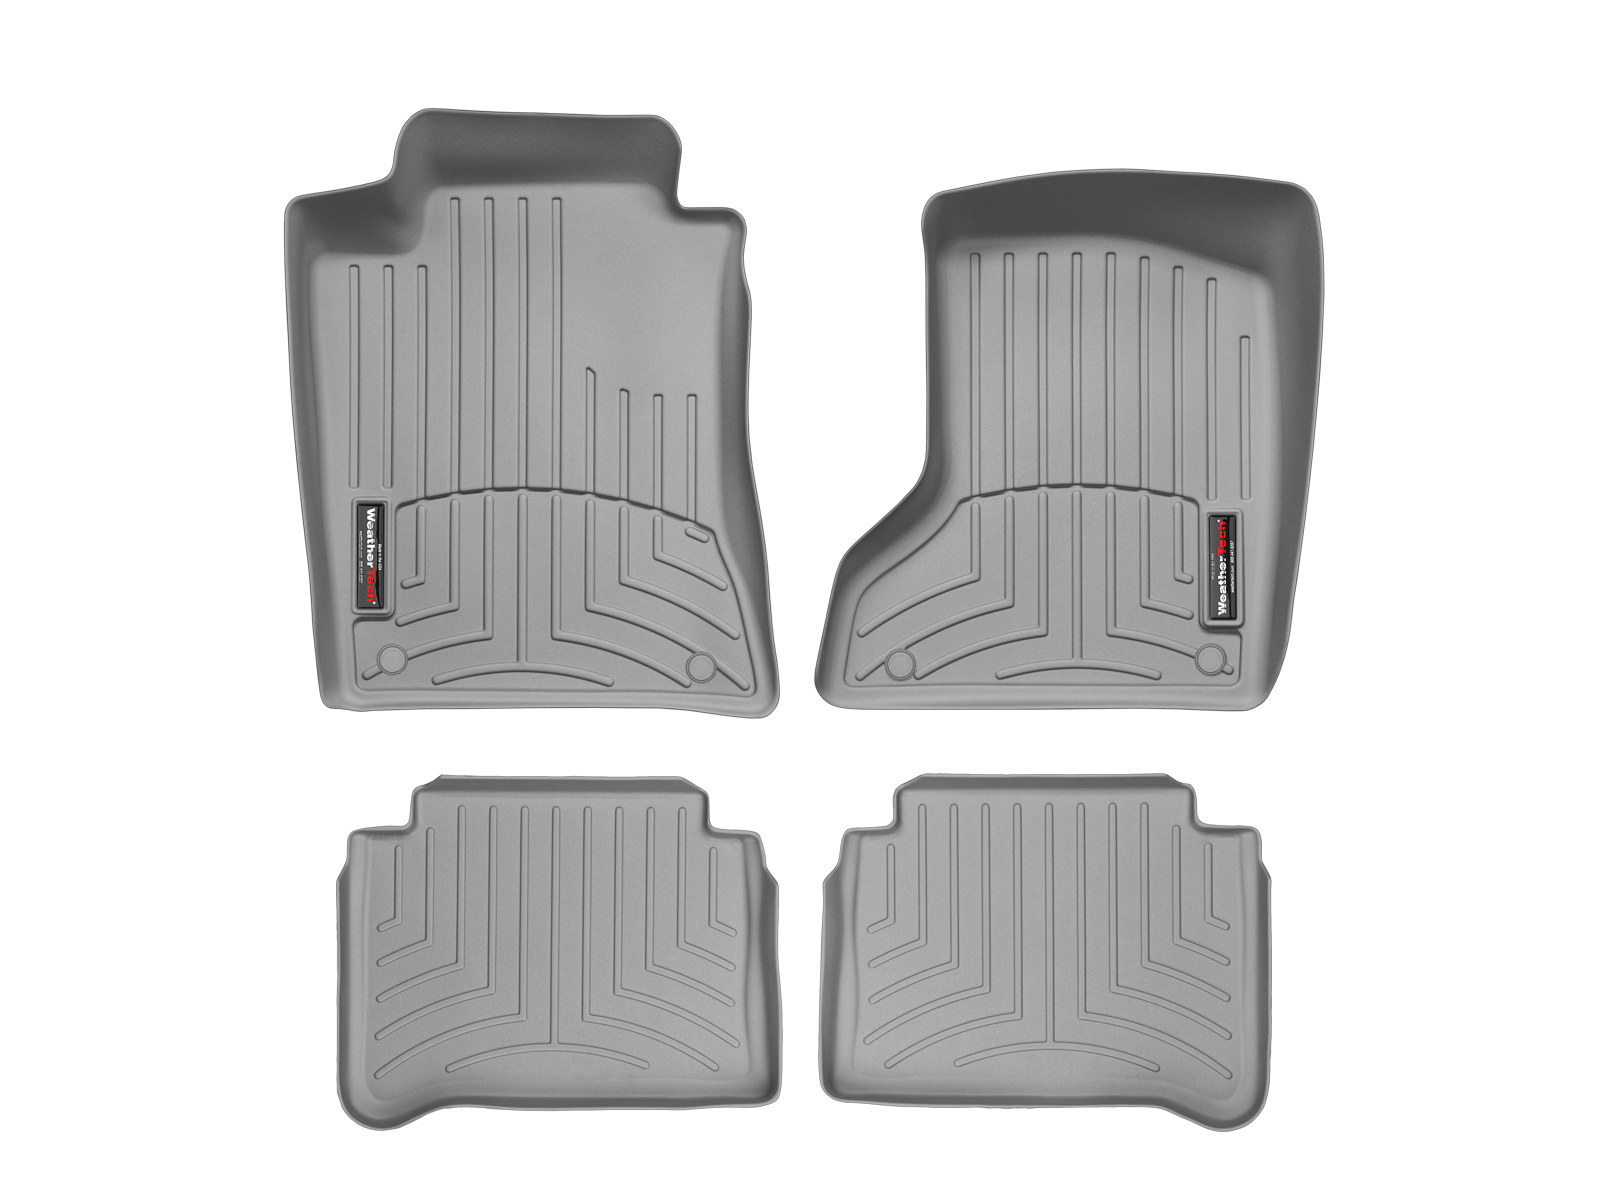 Tappeti gomma su misura bordo alto Mercedes E-Class 03>09 Grigio A2361*